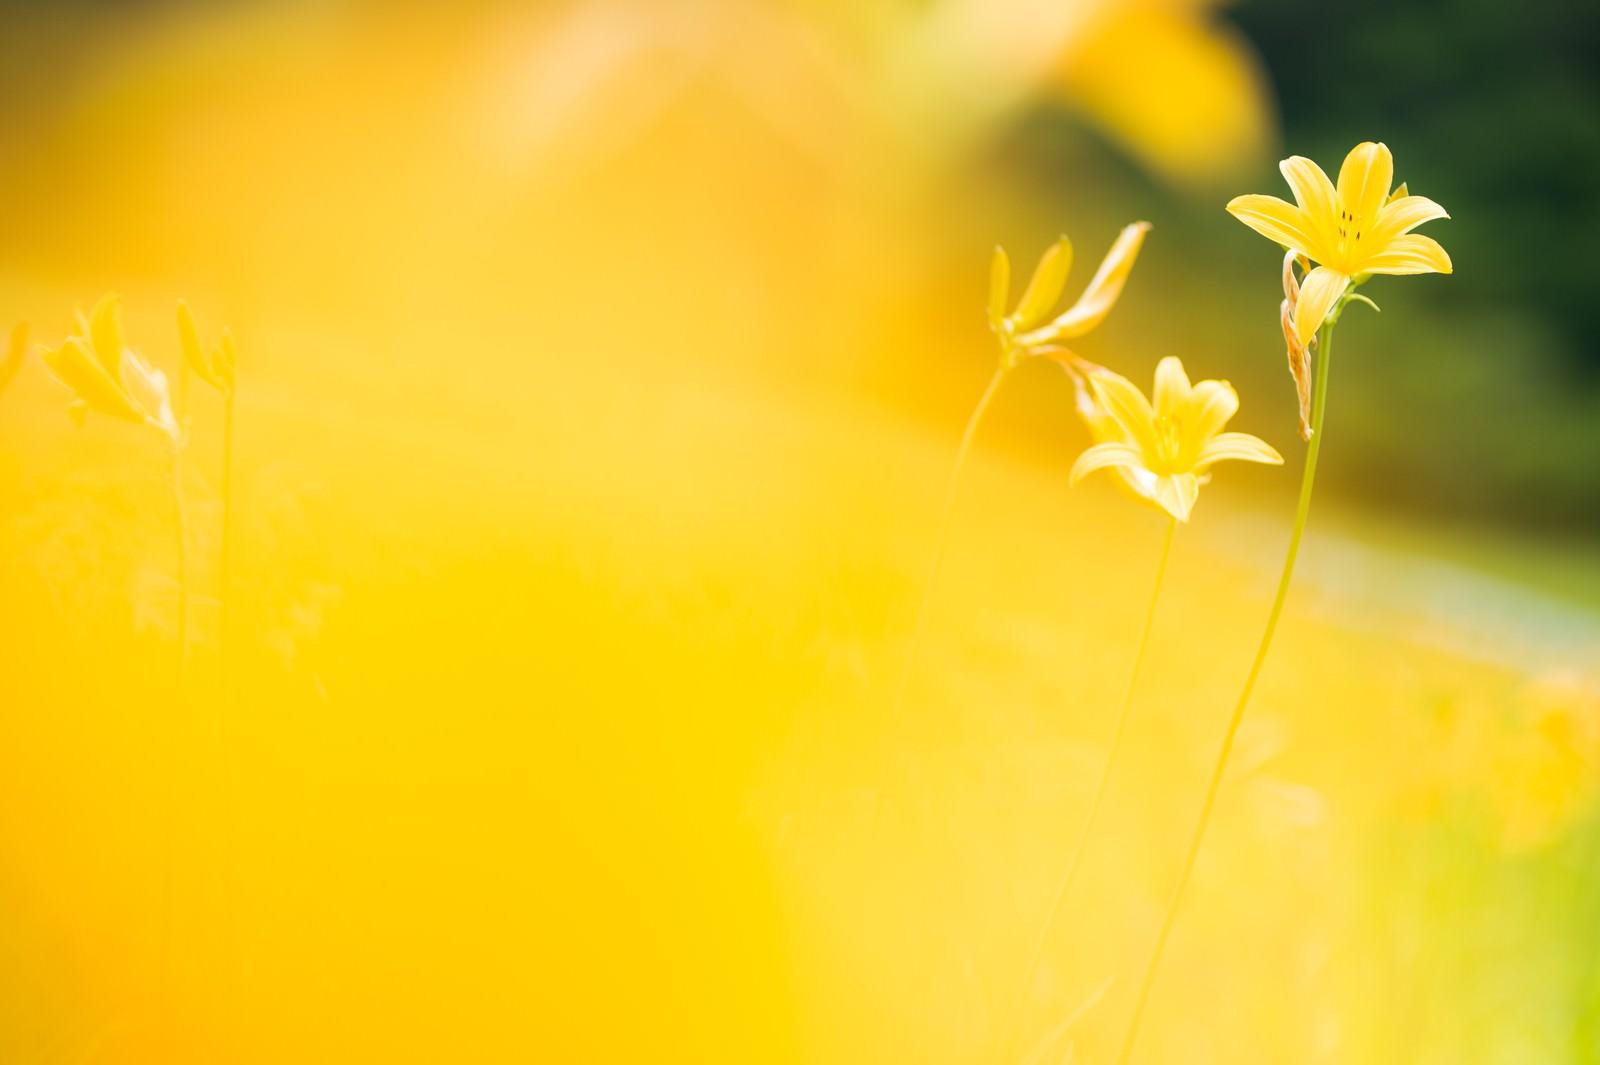 「キスゲの花」の写真